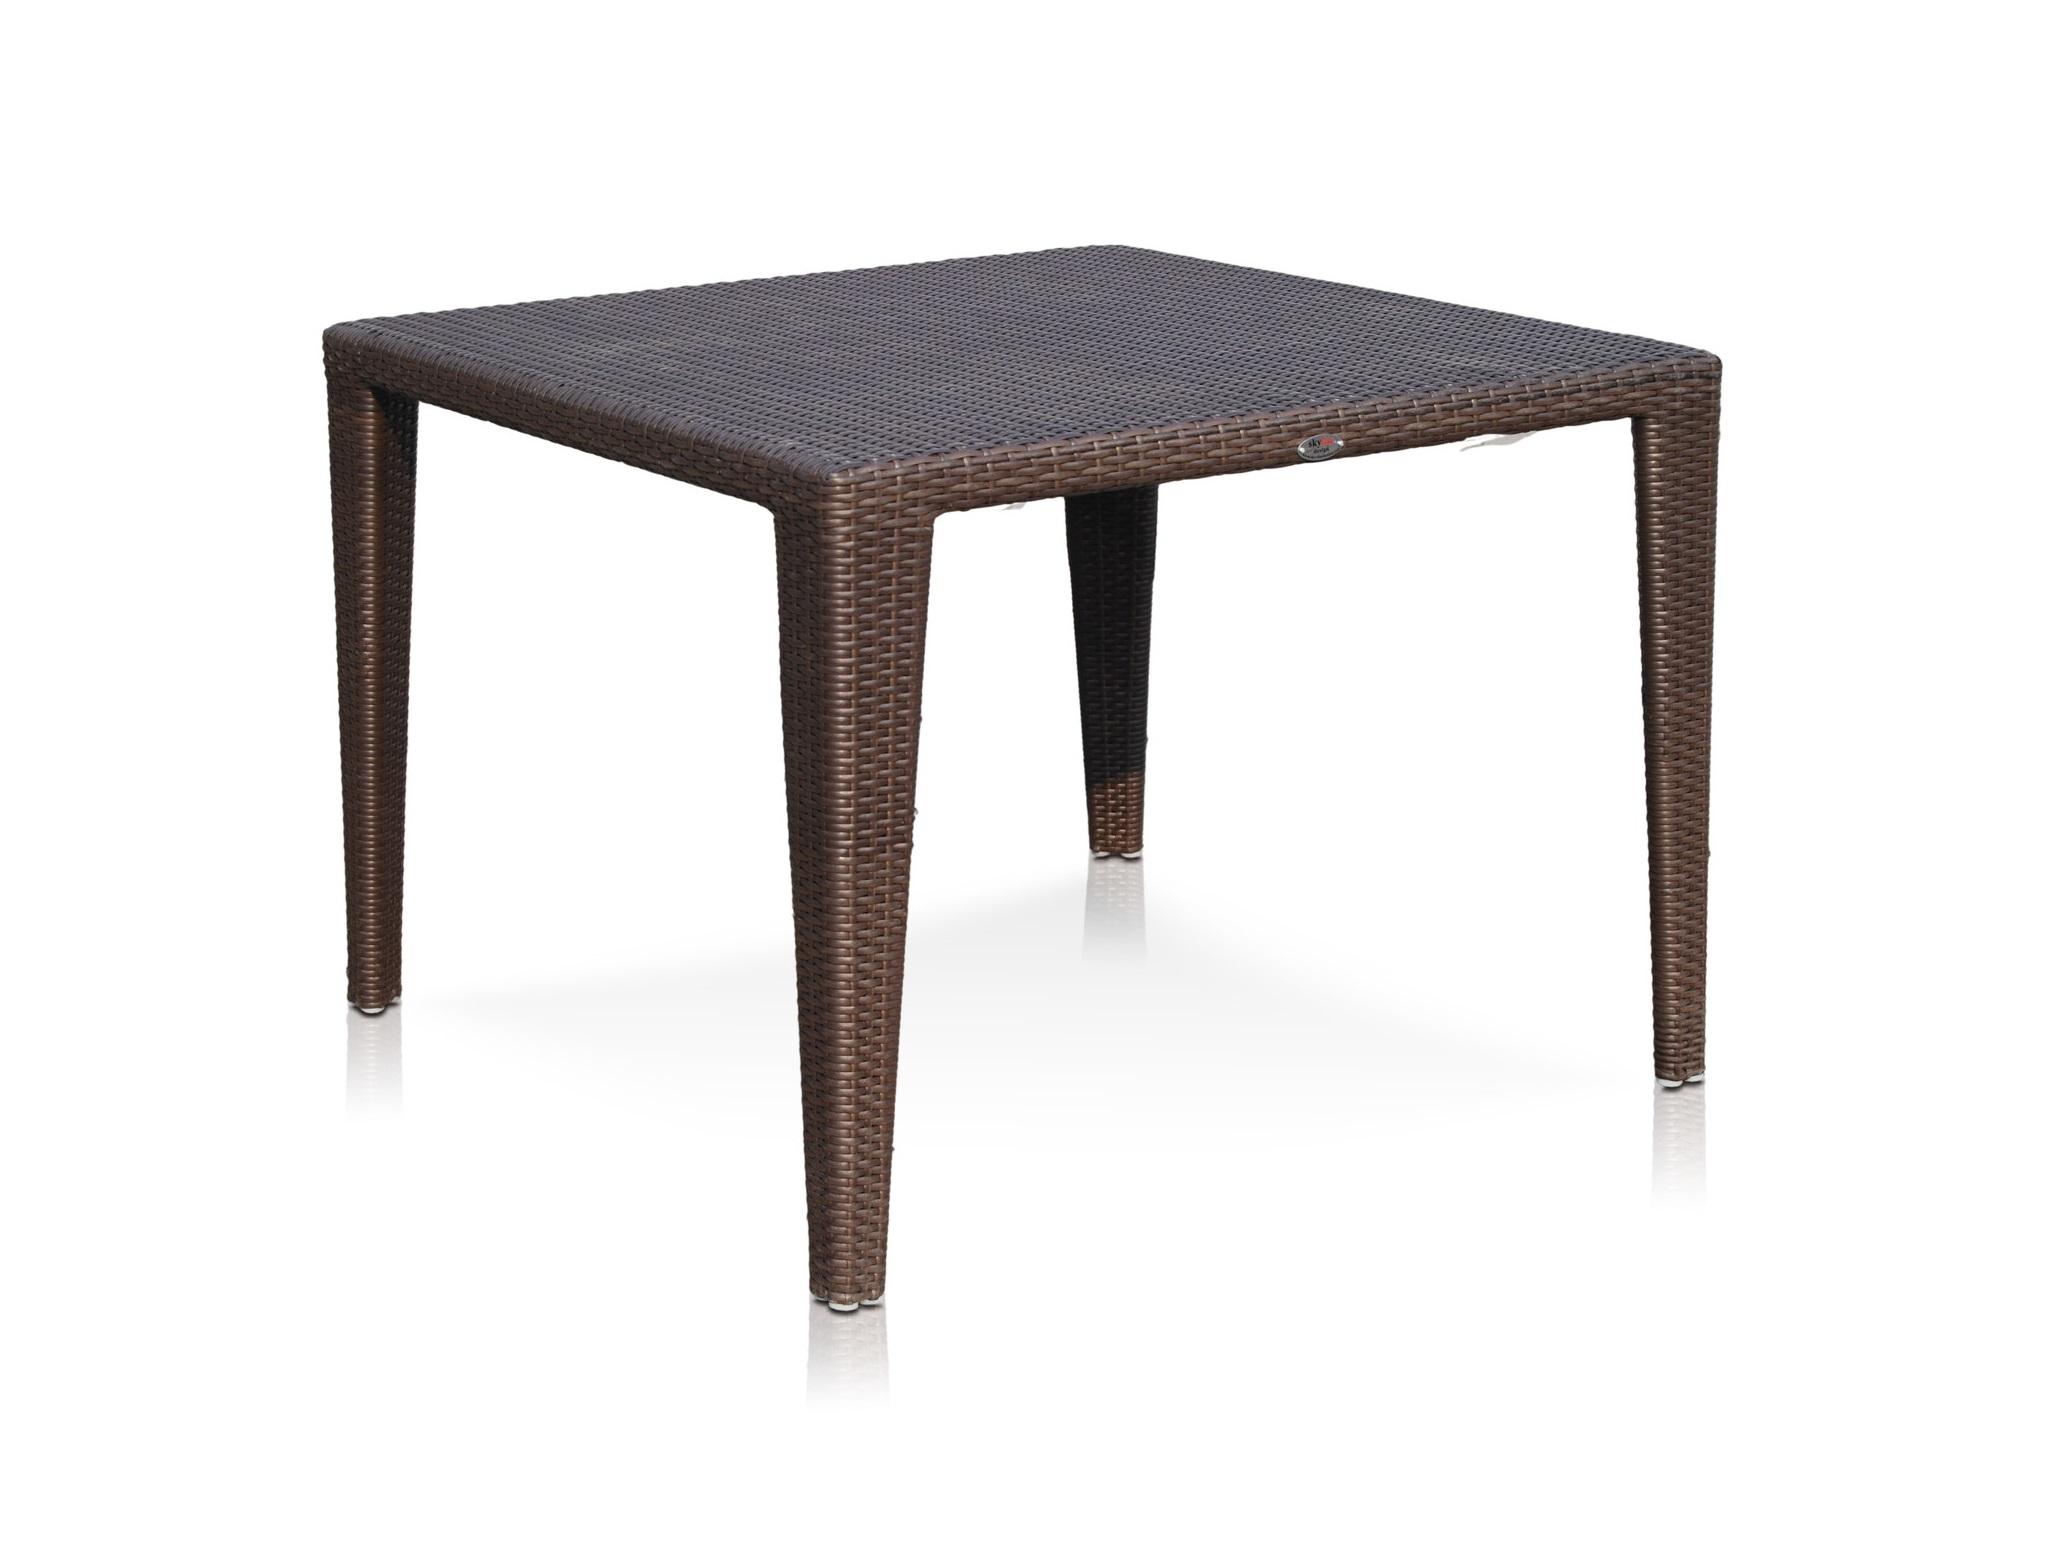 Стол обеденныйСтолы и столики для сада<br><br><br>Material: Искусственный ротанг<br>Length см: None<br>Width см: 100<br>Depth см: 100<br>Height см: 74